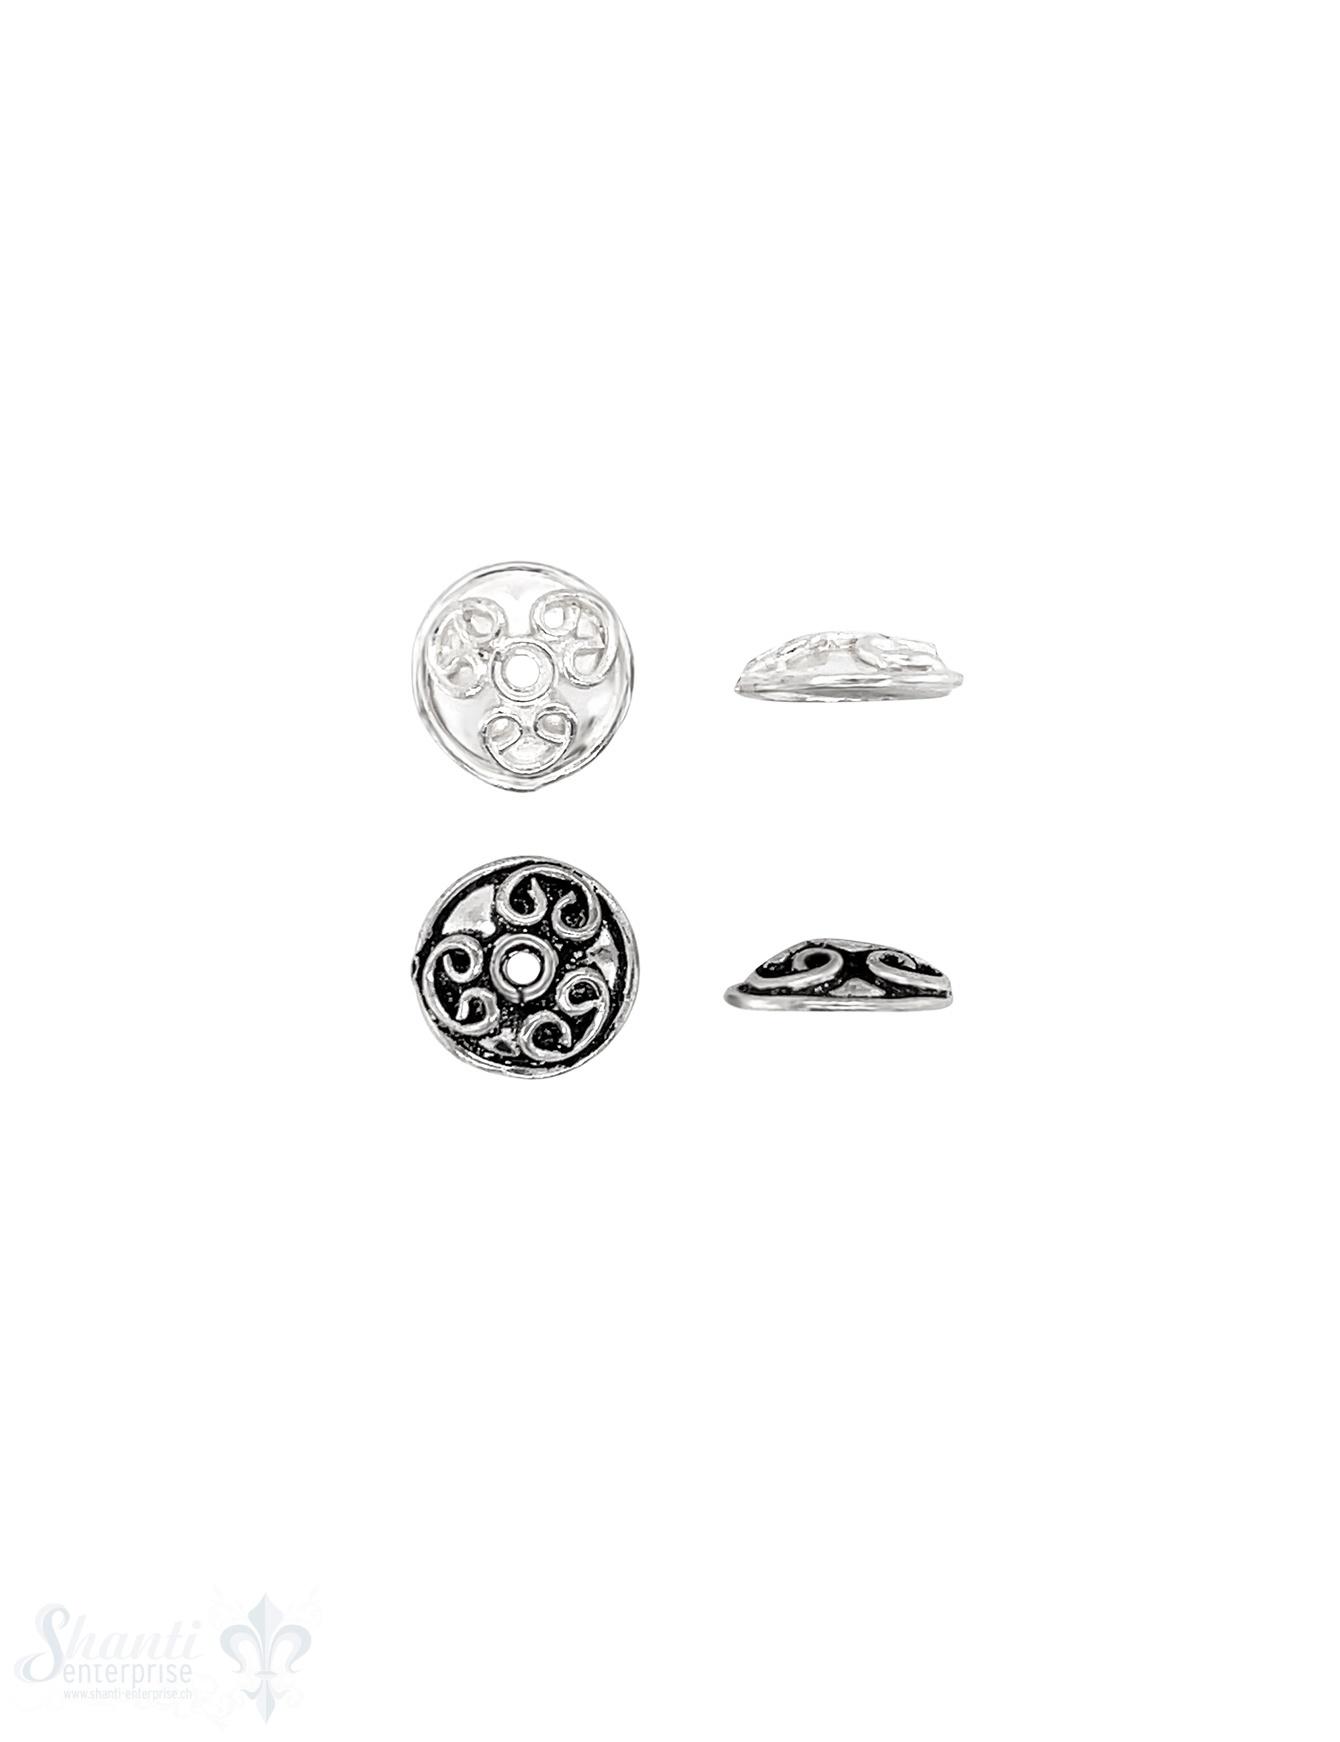 verzierte Perlkappe 11x3 mm Brezel verziert flach Silber 925 ID 1.2 mm 1 Pack = 8 Stk. ca. 5 gr.